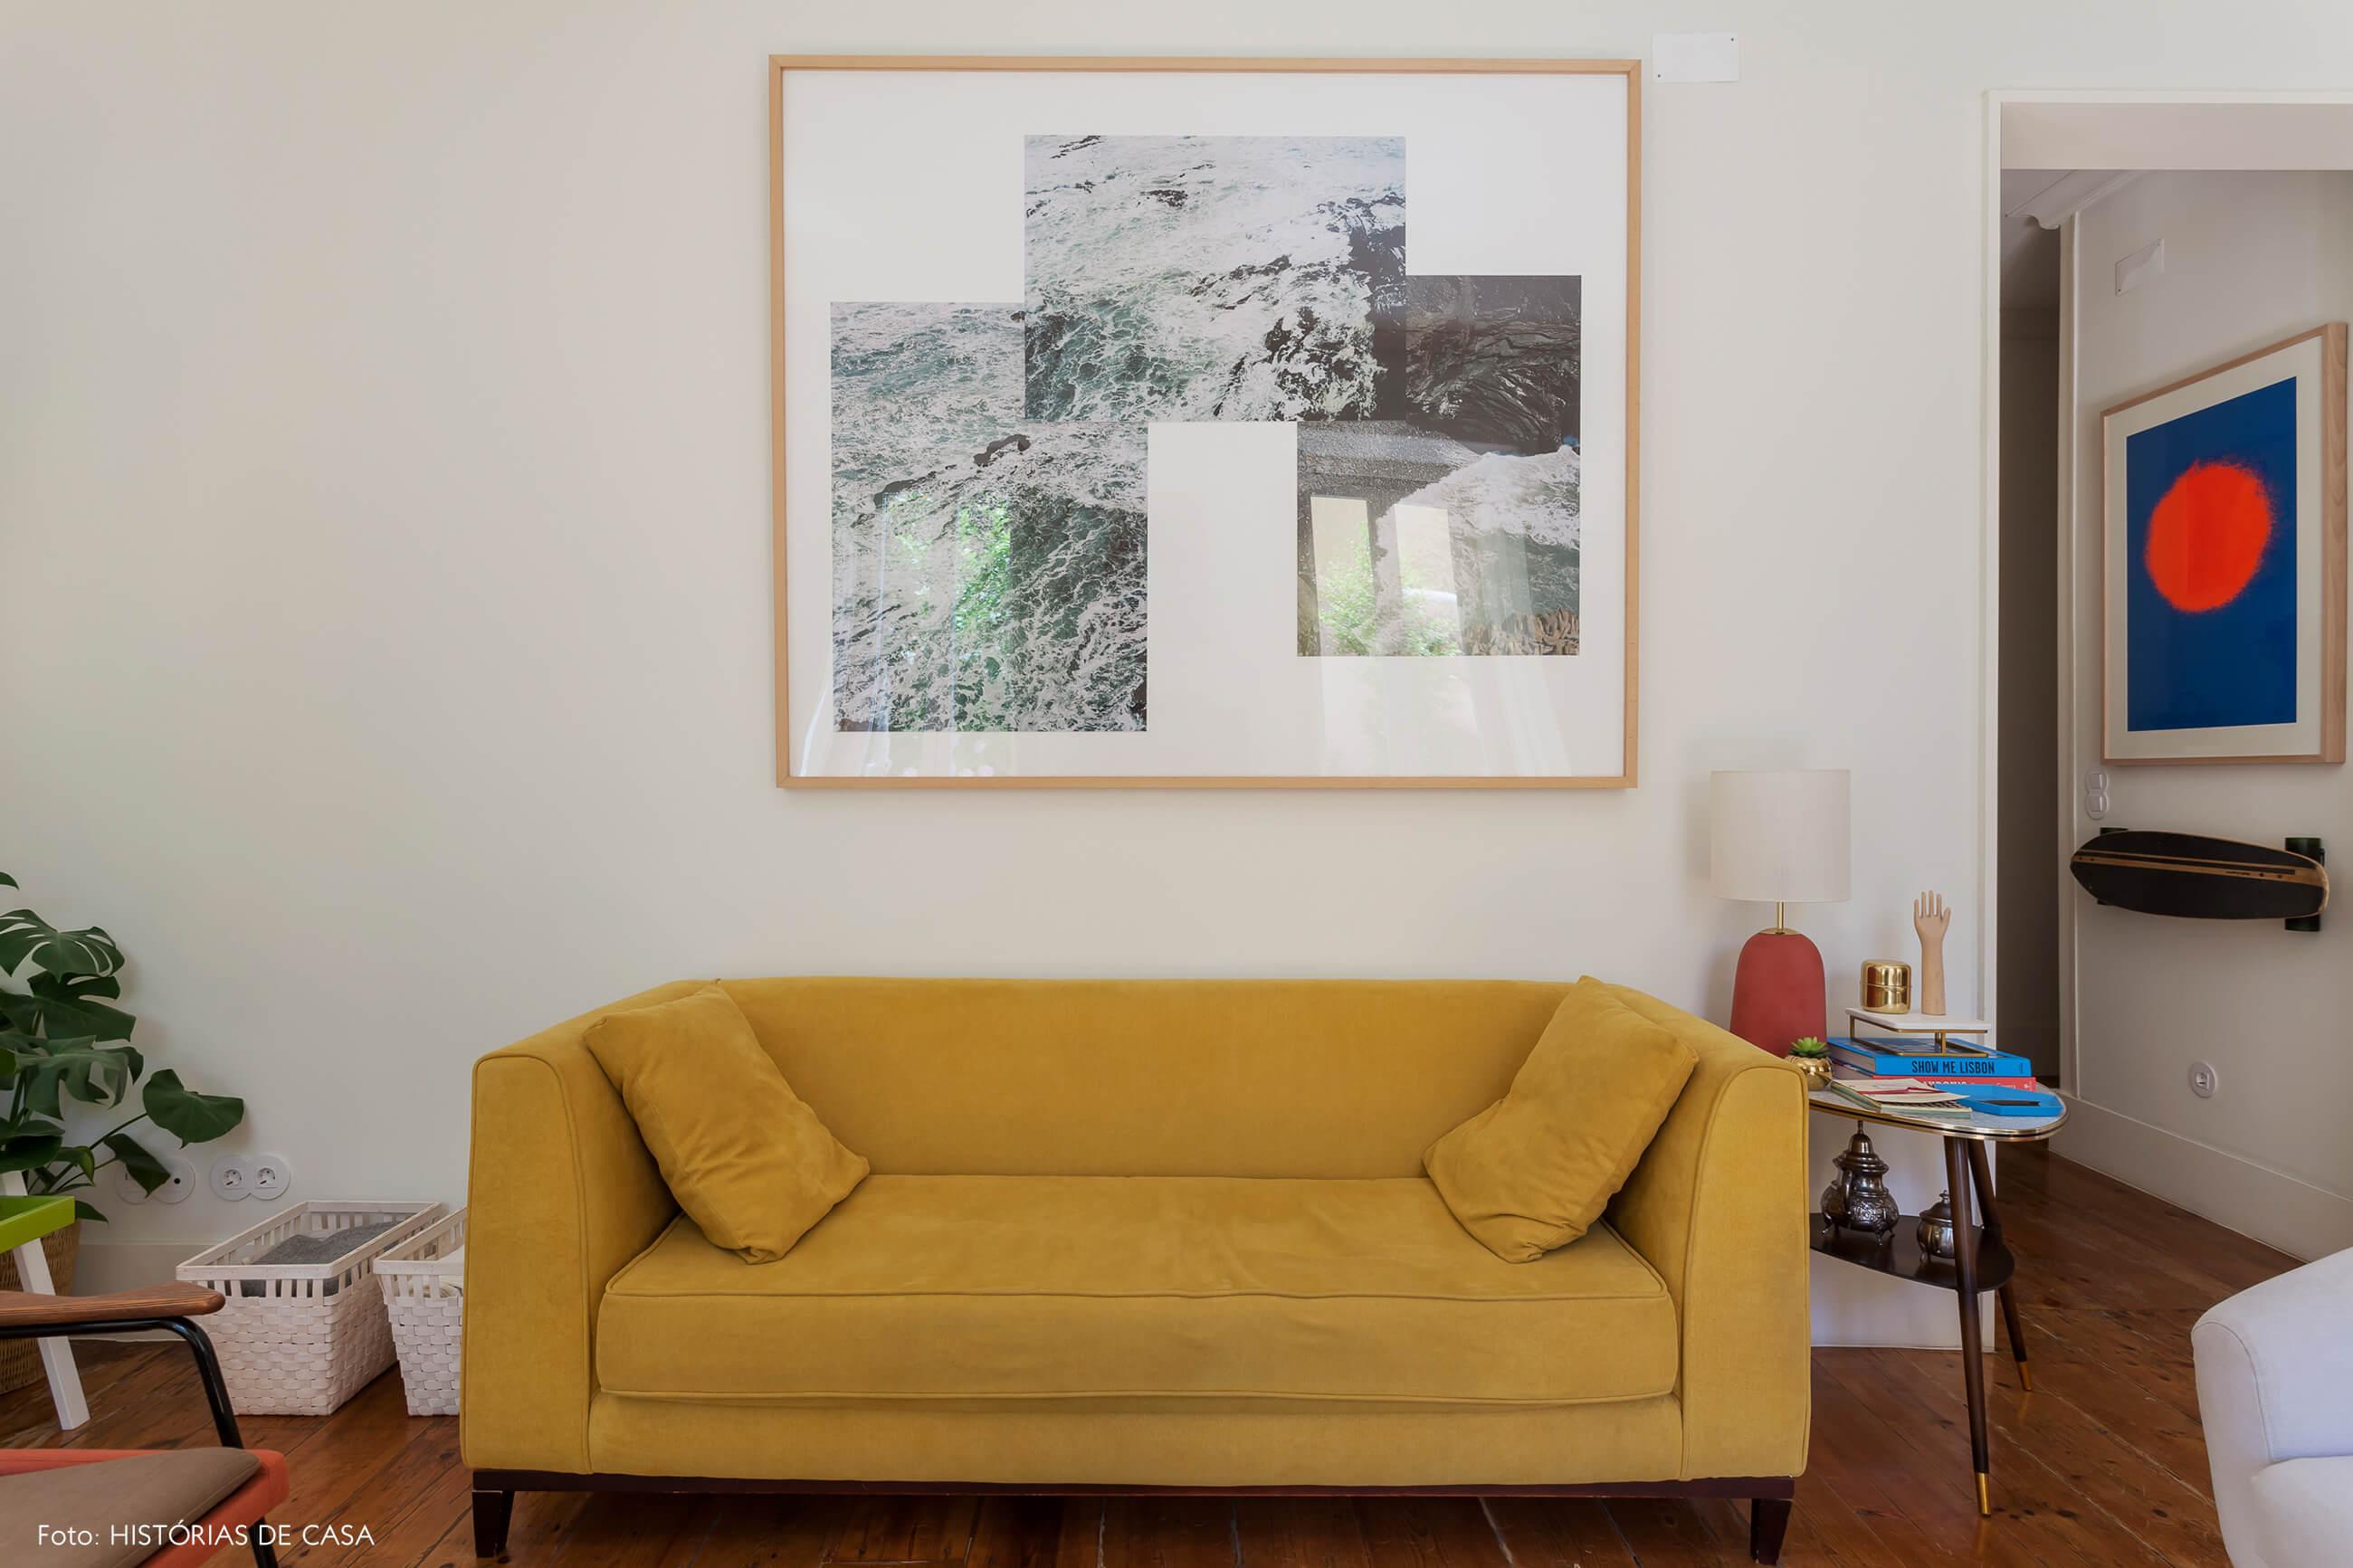 Sofá mostarda na sala com quadro preto e branco